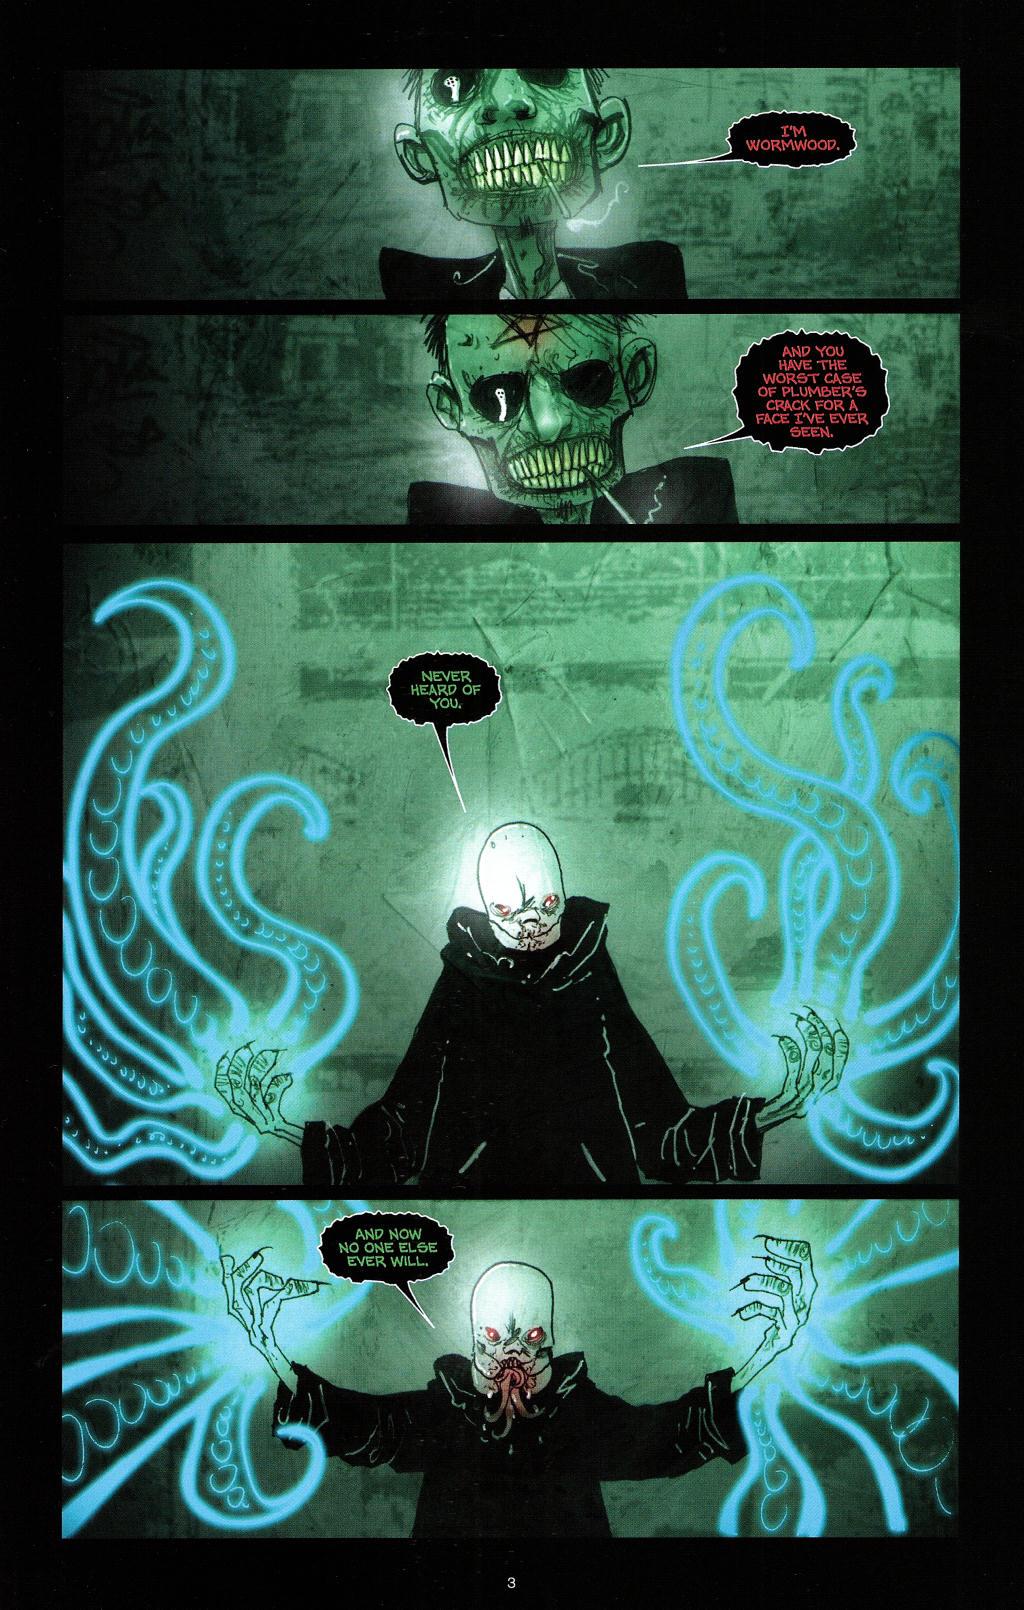 Read online Wormwood: Gentleman Corpse comic -  Issue #4 - 6